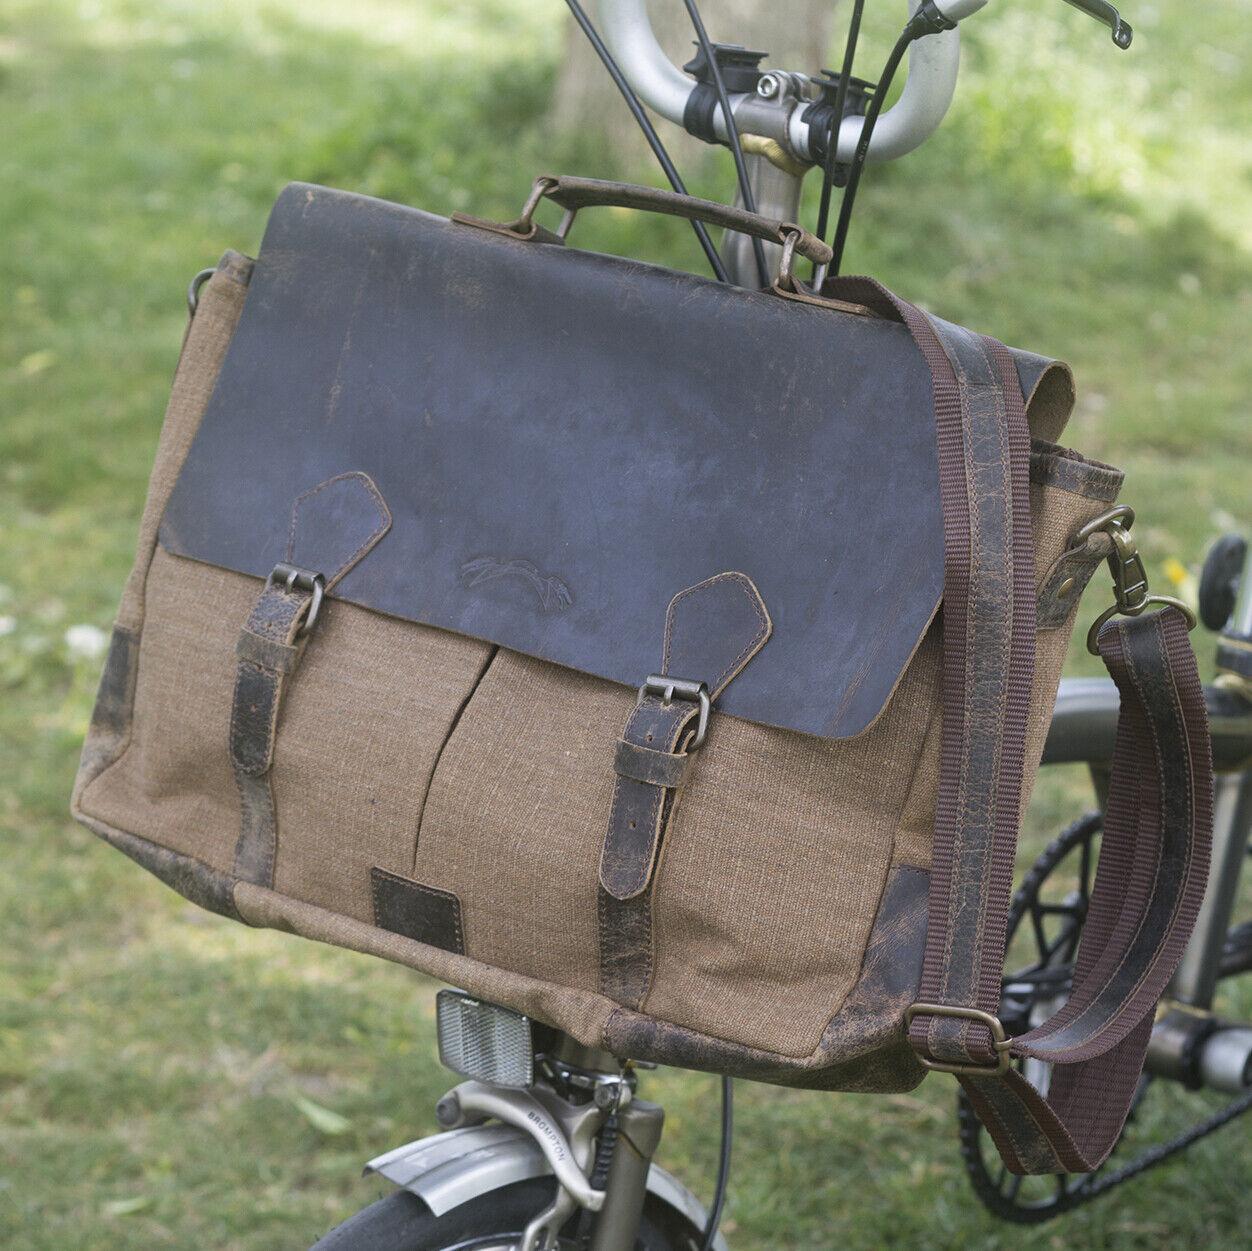 Nuevo Bolso mensajero Exclusive Handcrafted Para BROMPTON en marrón claro para S M H P